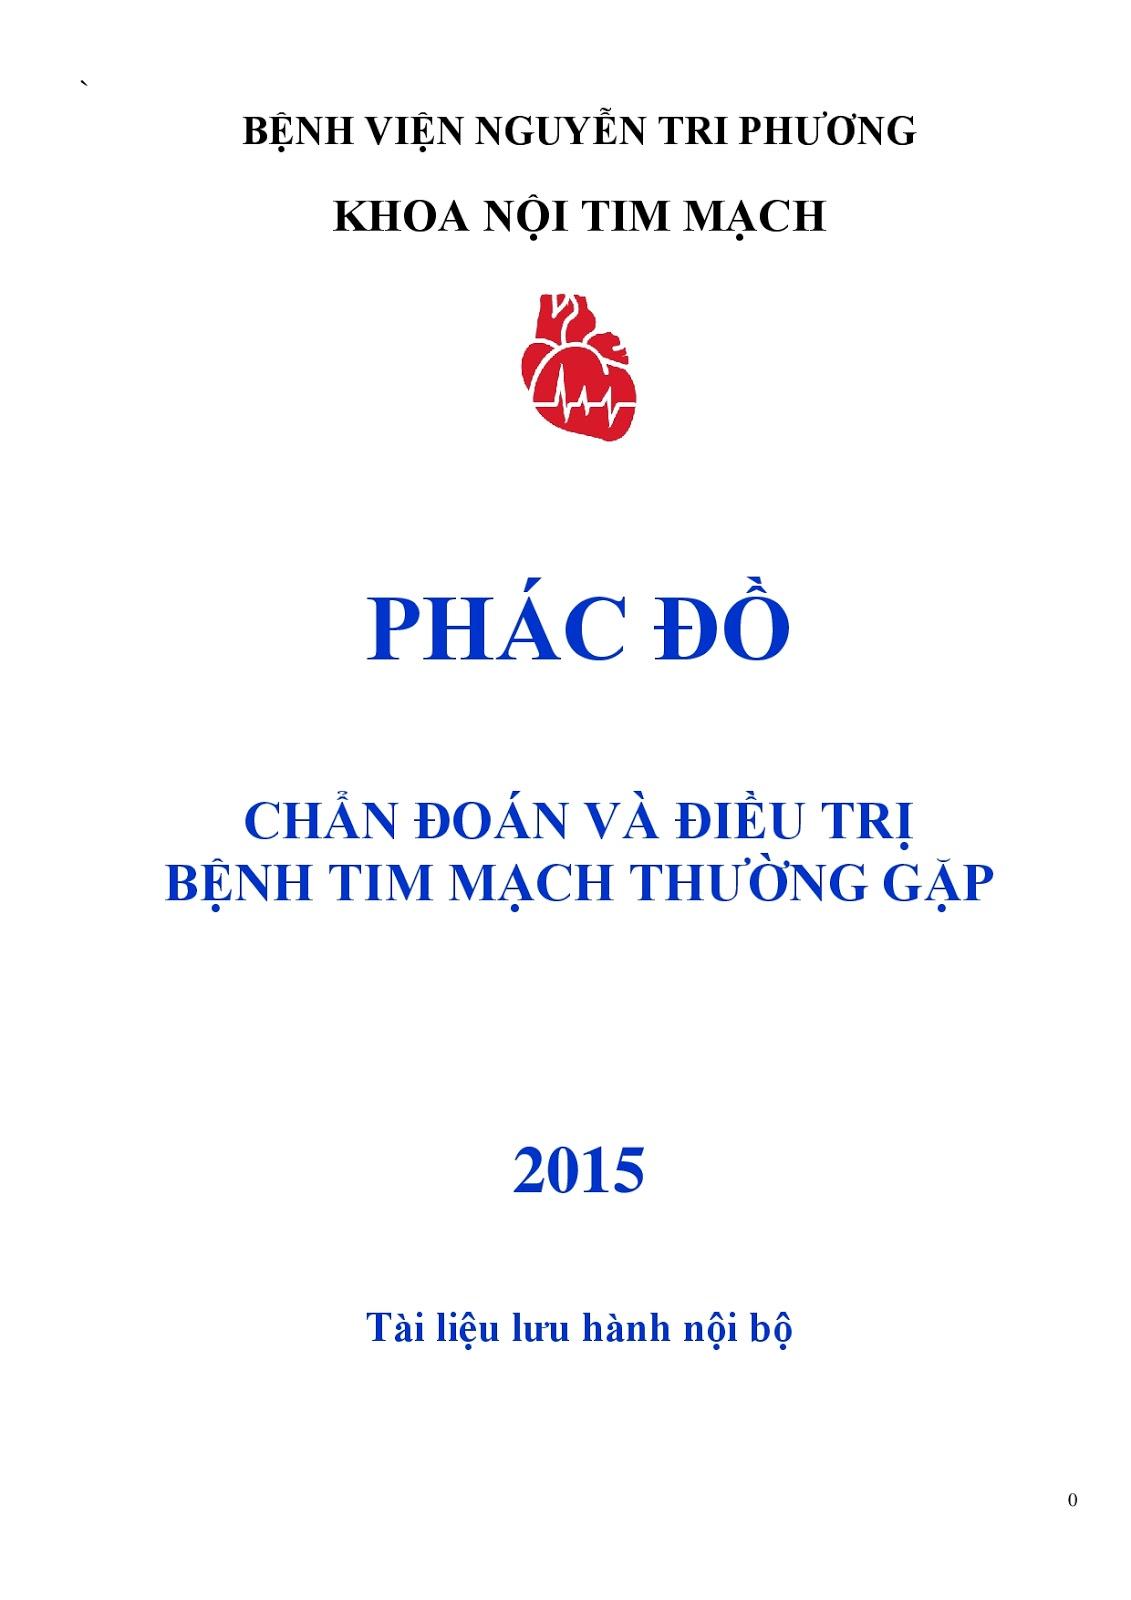 Phác đồ chẩn đoán và điều trị bệnh tim mạch thường gặp 2015